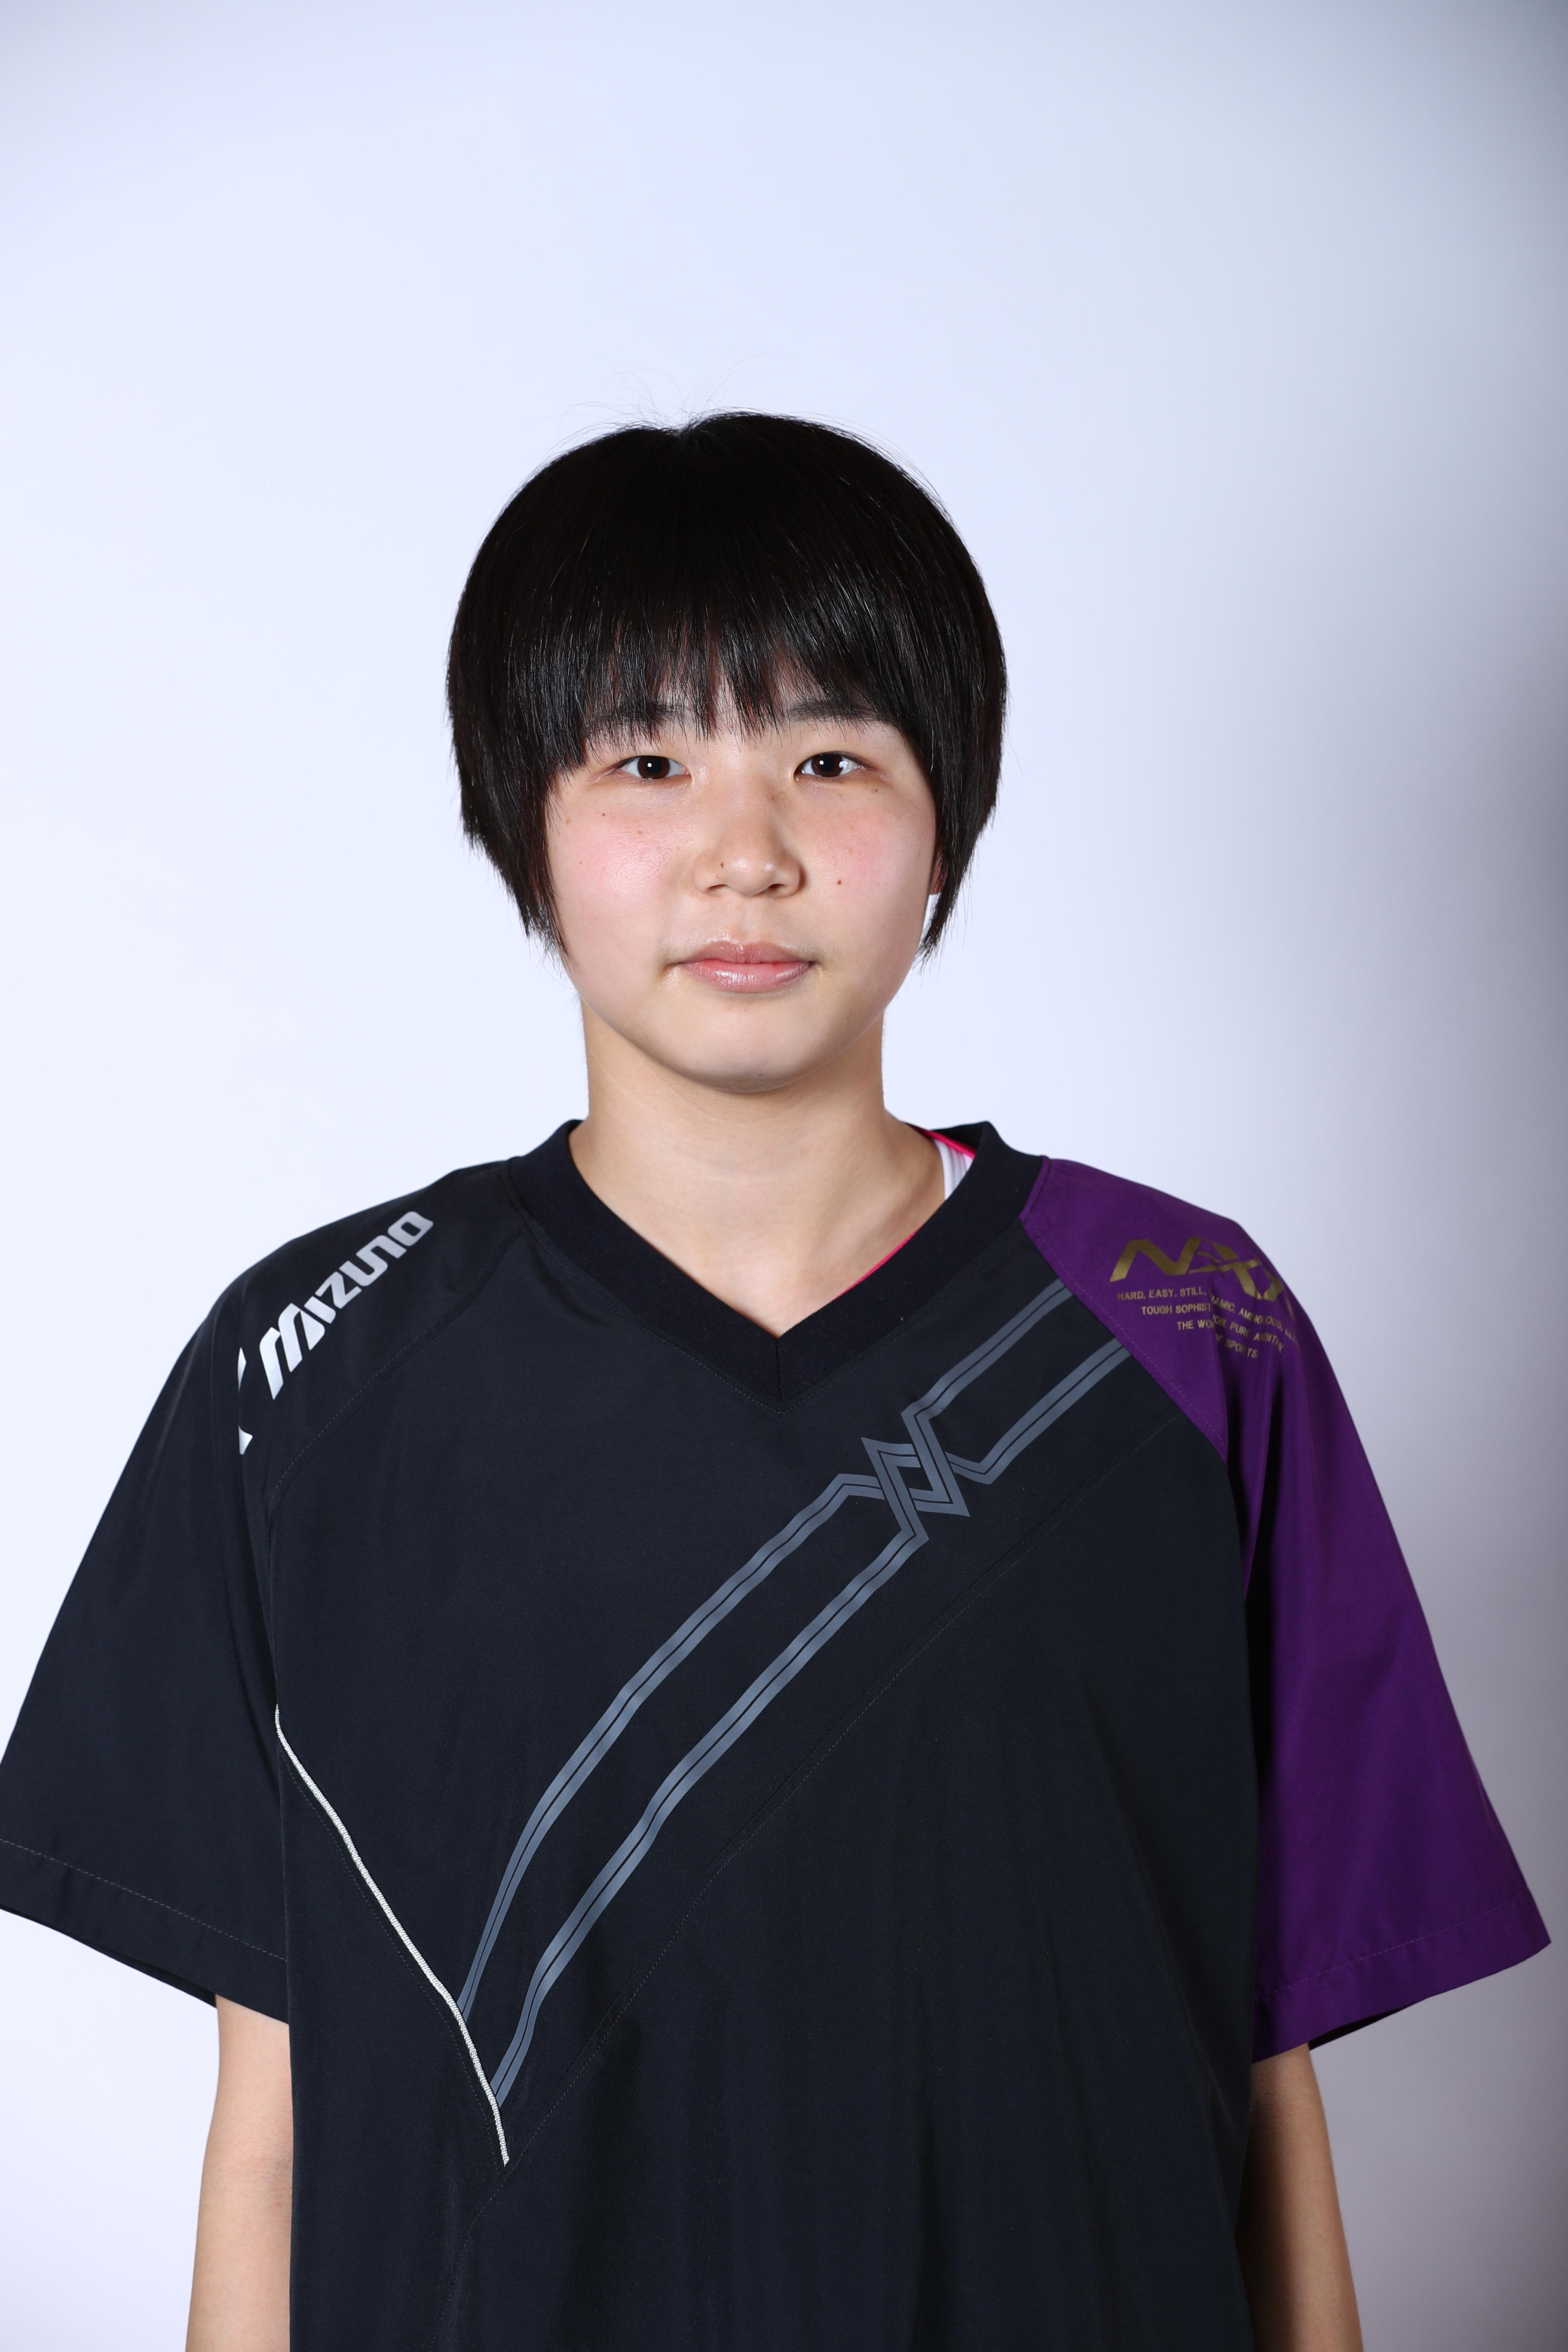 Yuki Nishikawa